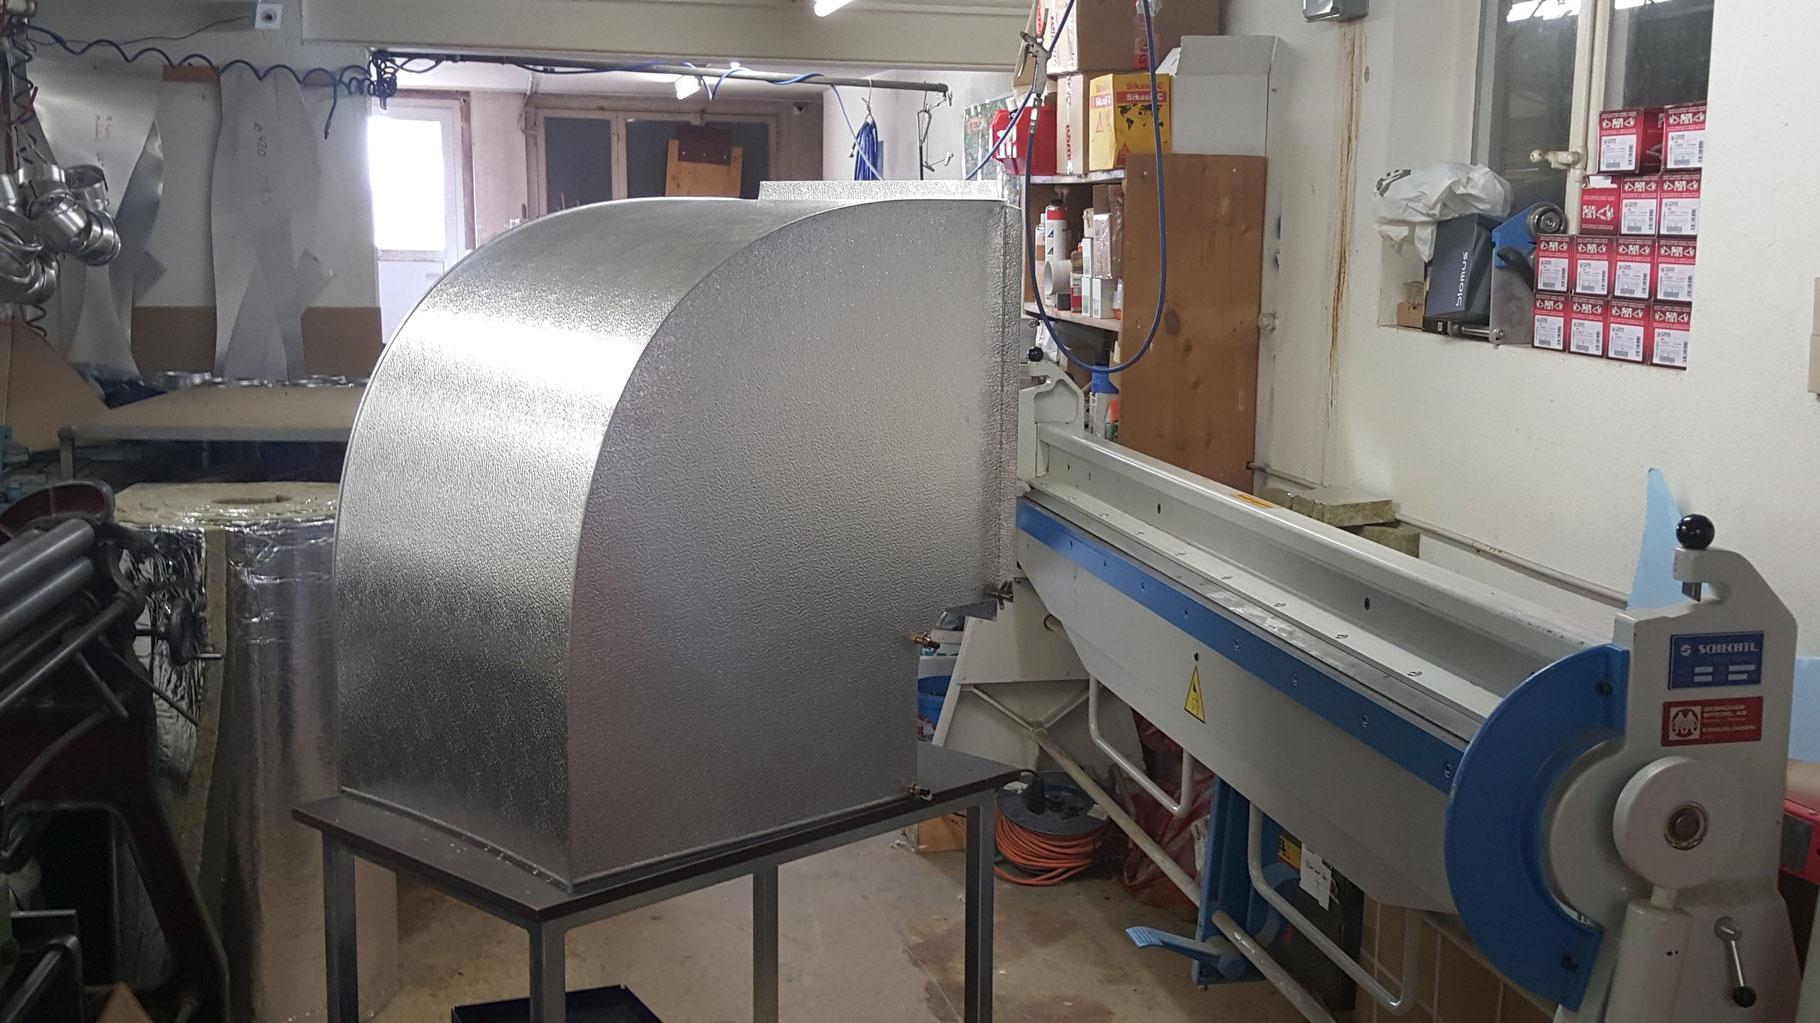 Näh- und Stickmaschinen zur Herstellung von Armaturenkissen